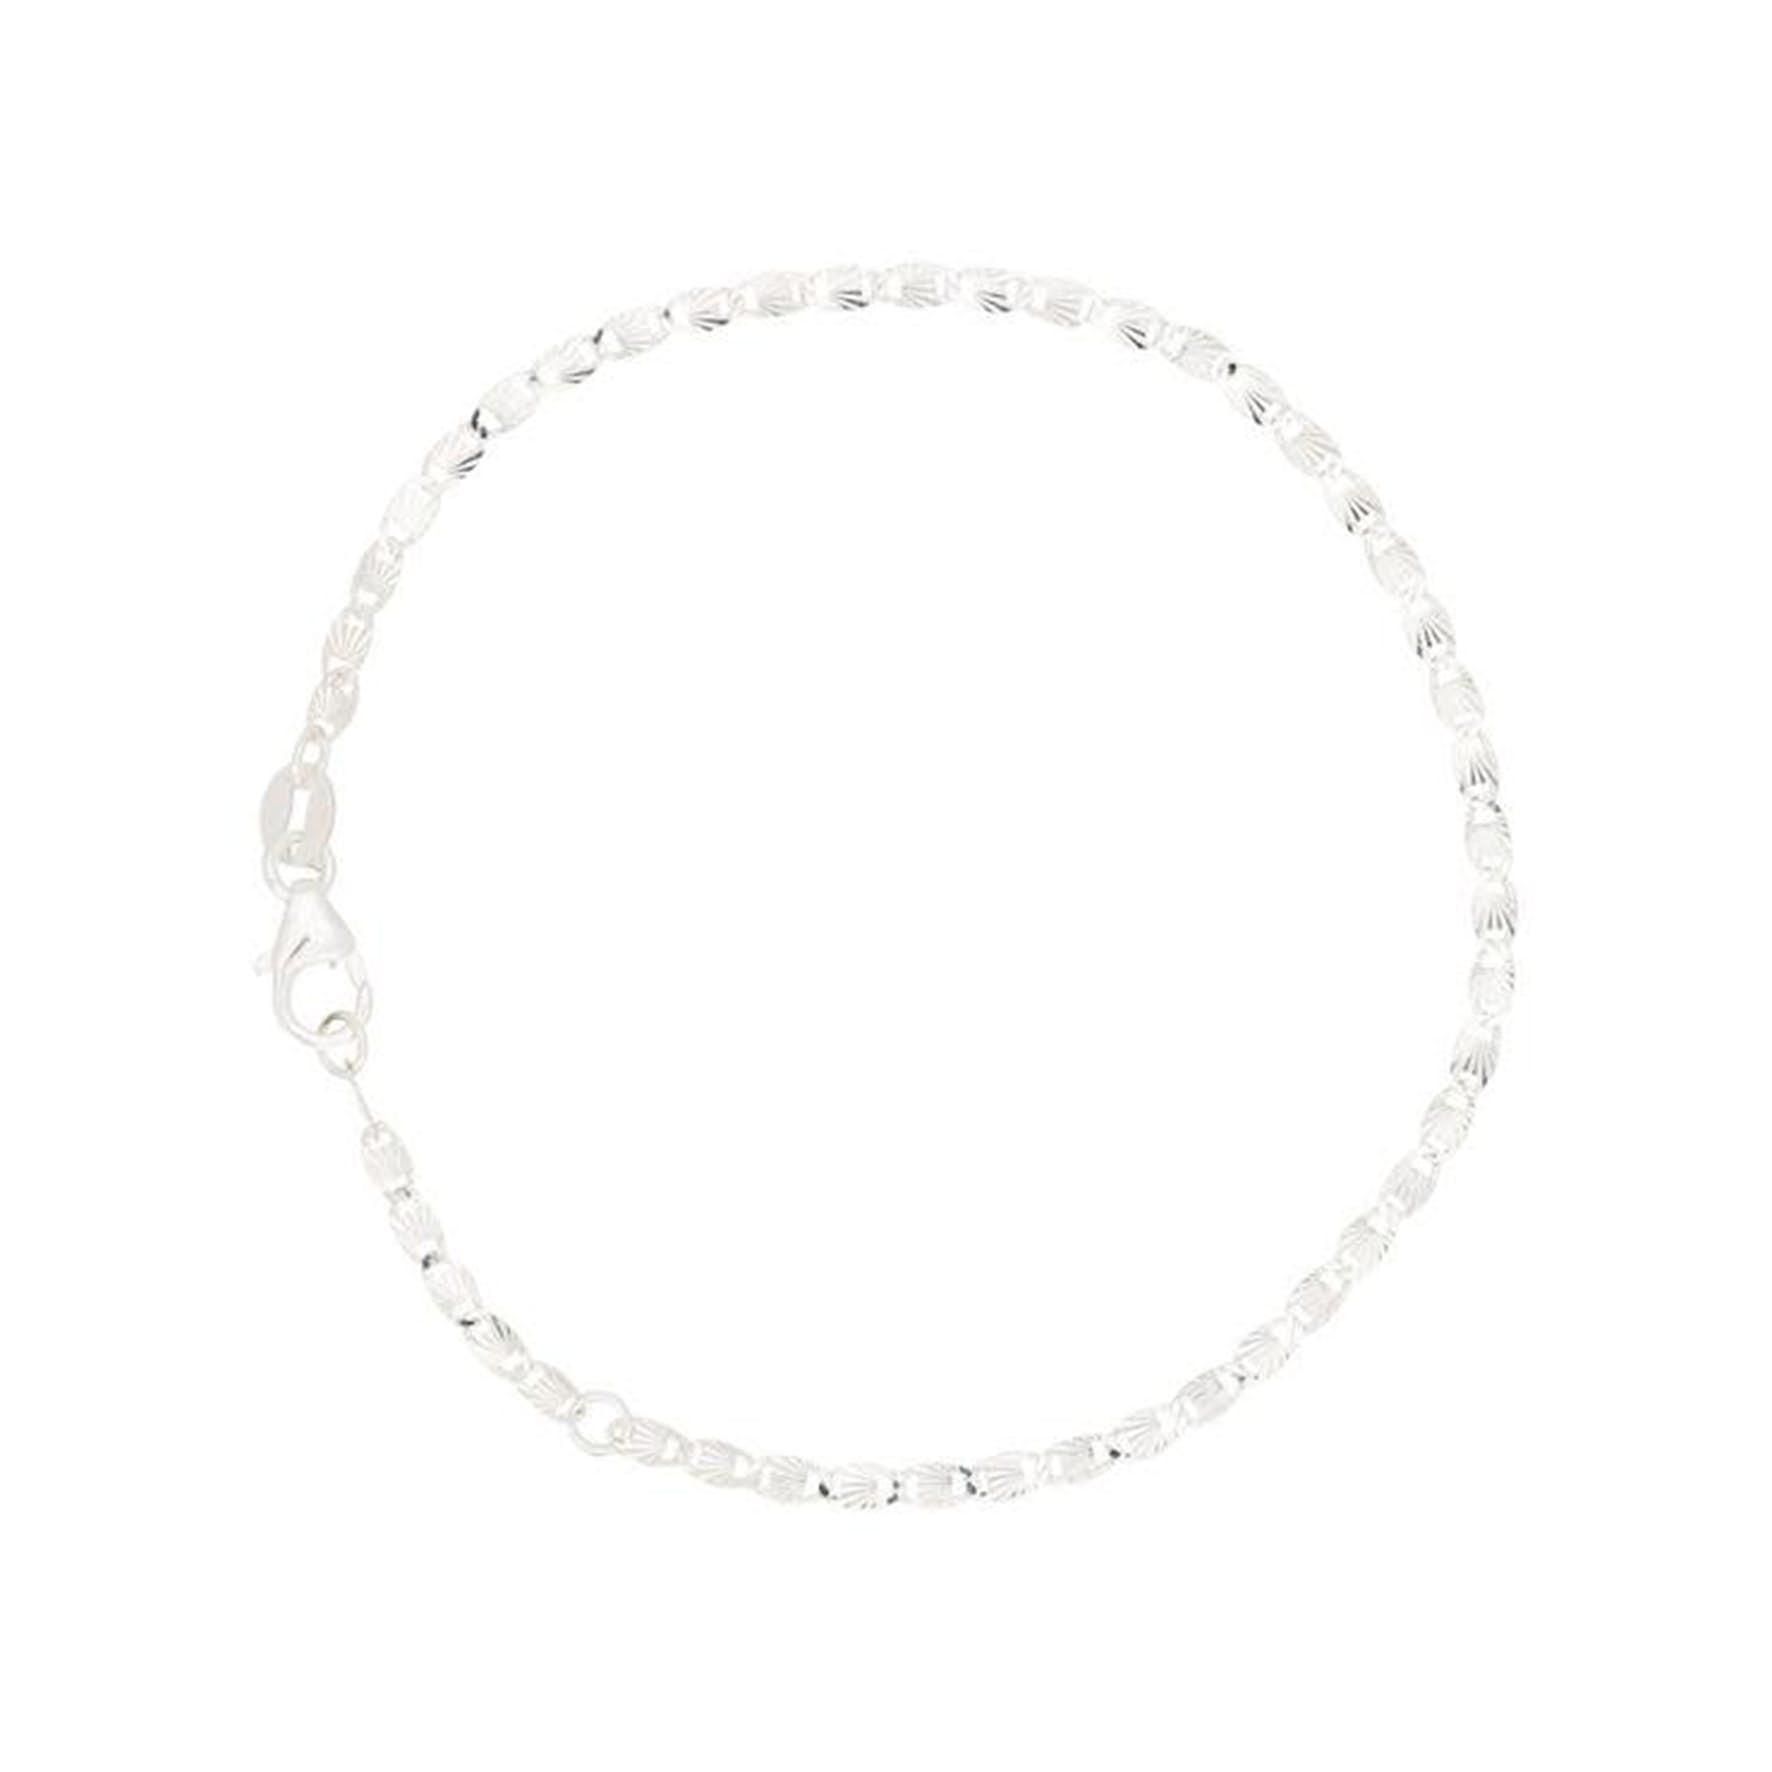 Gilly Bracelet fra Pico i Sølv Sterling 925